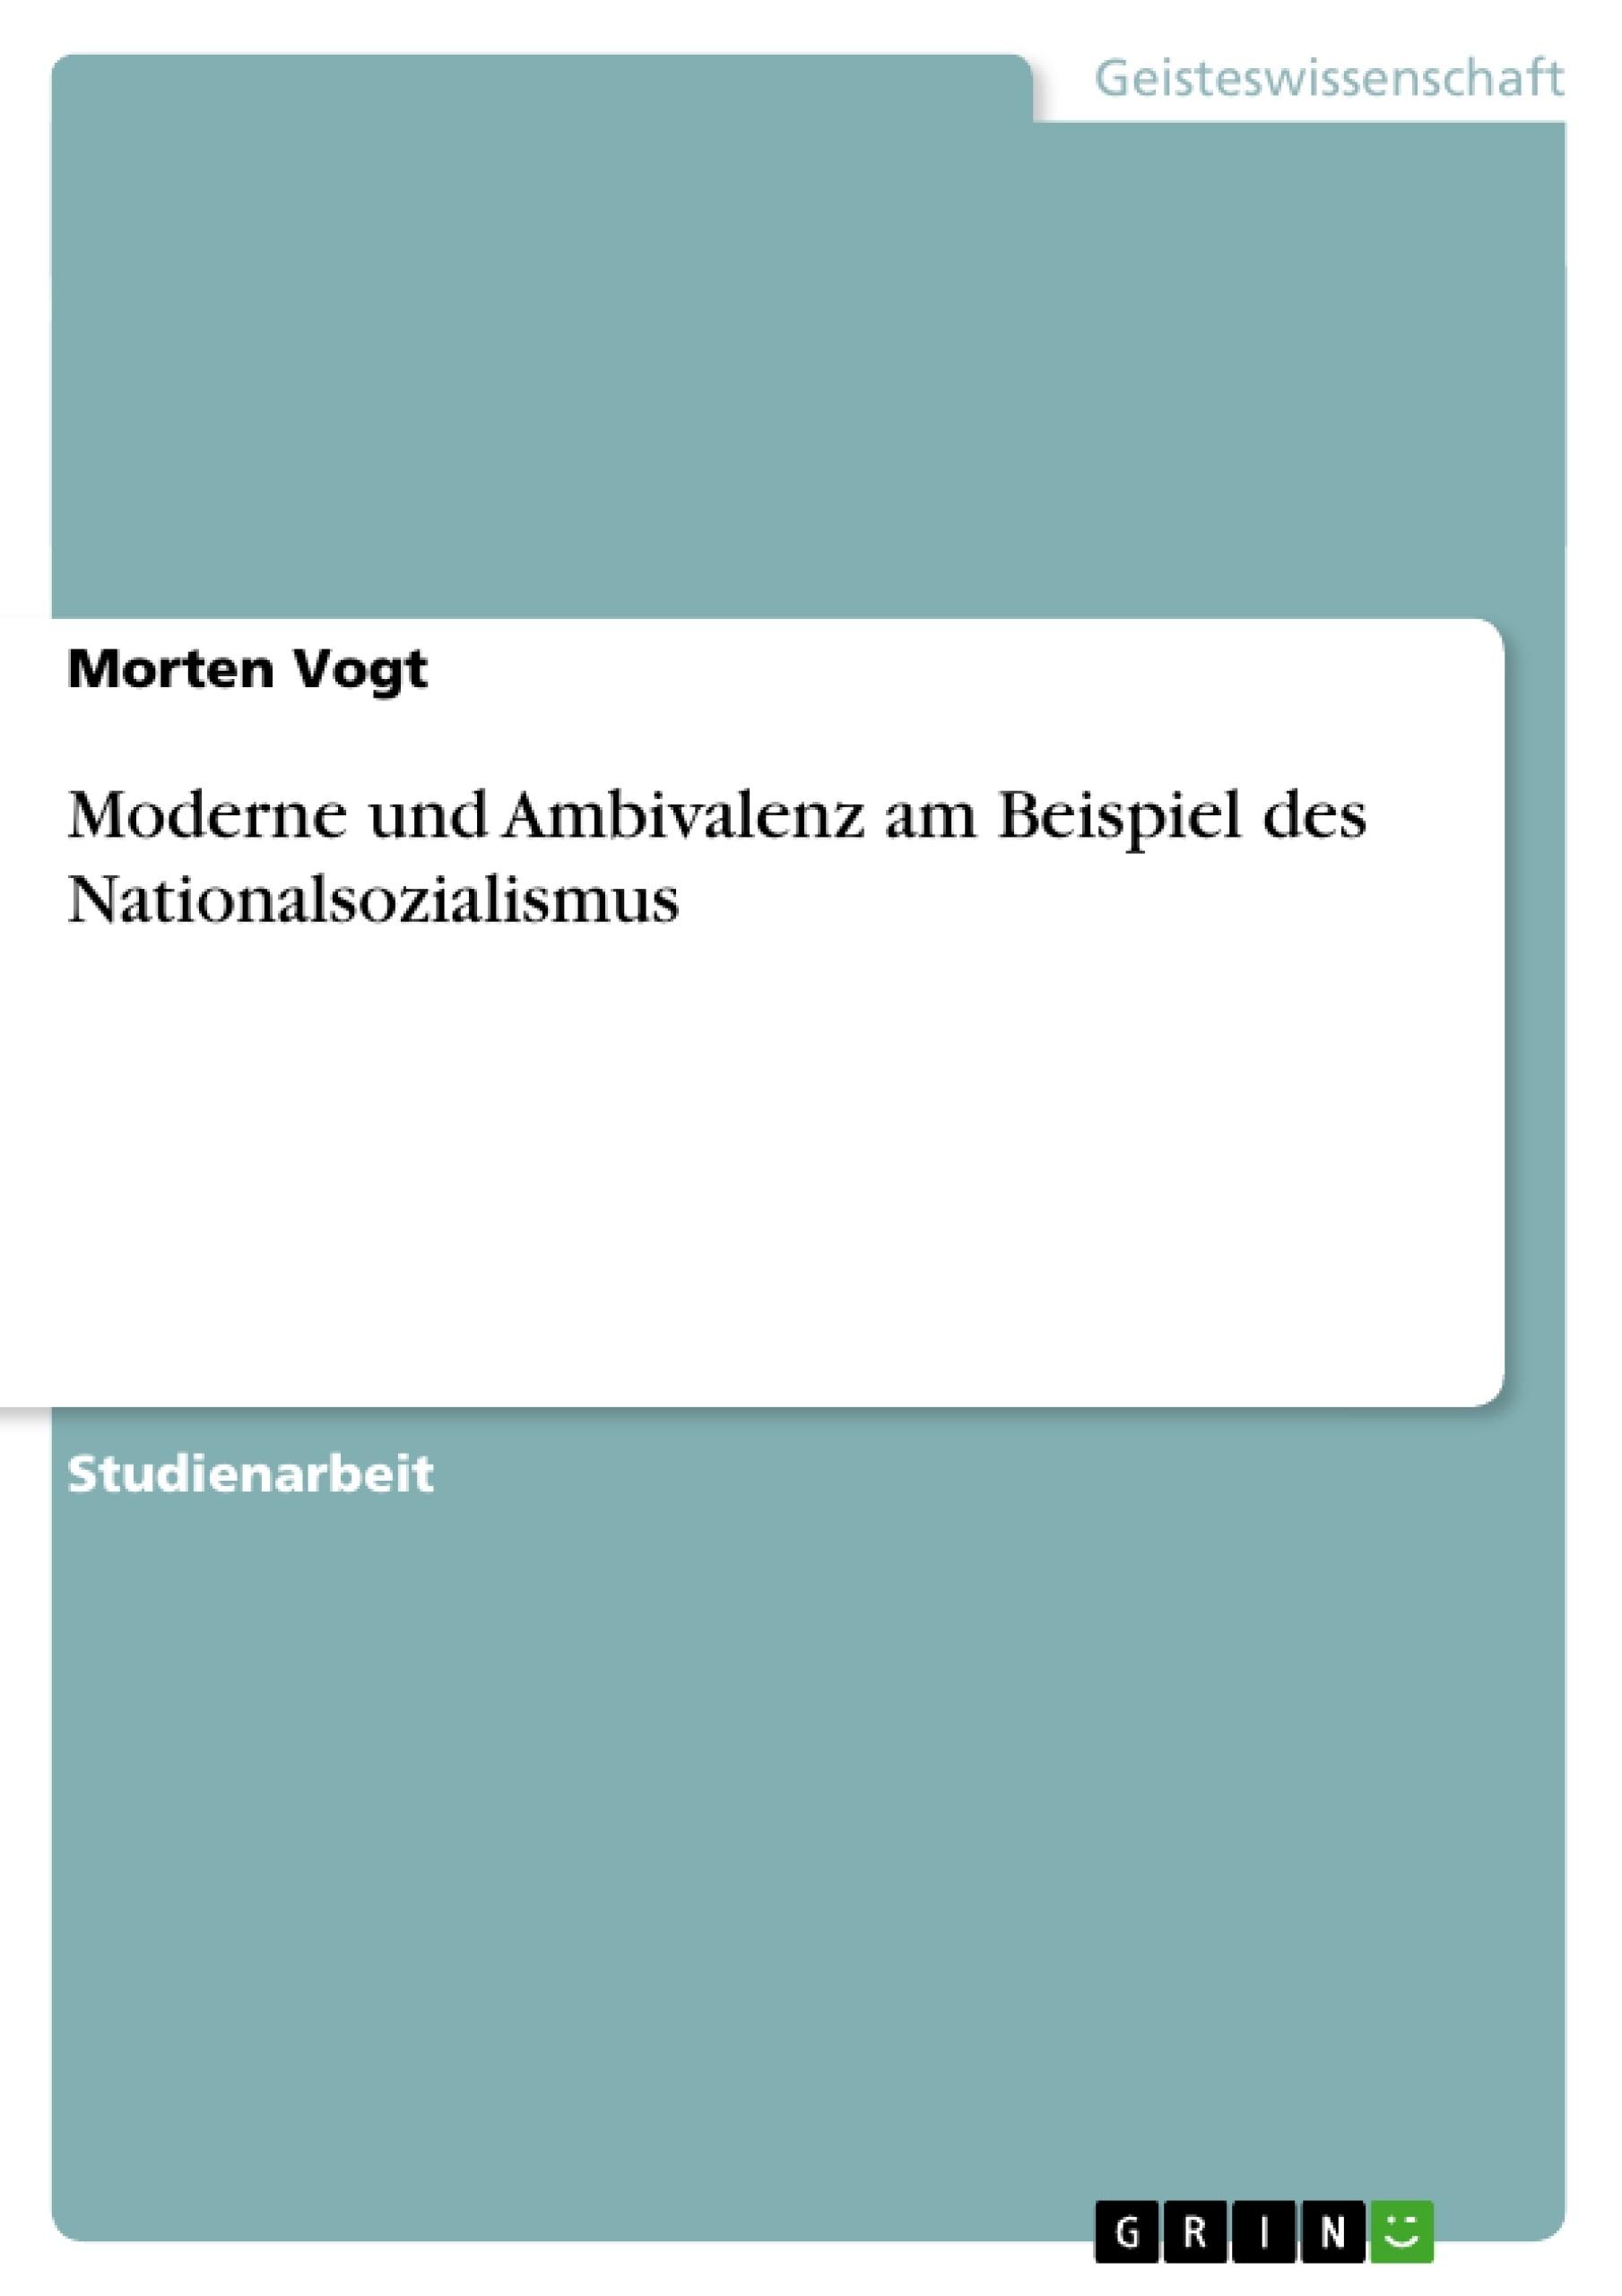 Titel: Moderne und Ambivalenz am Beispiel des Nationalsozialismus